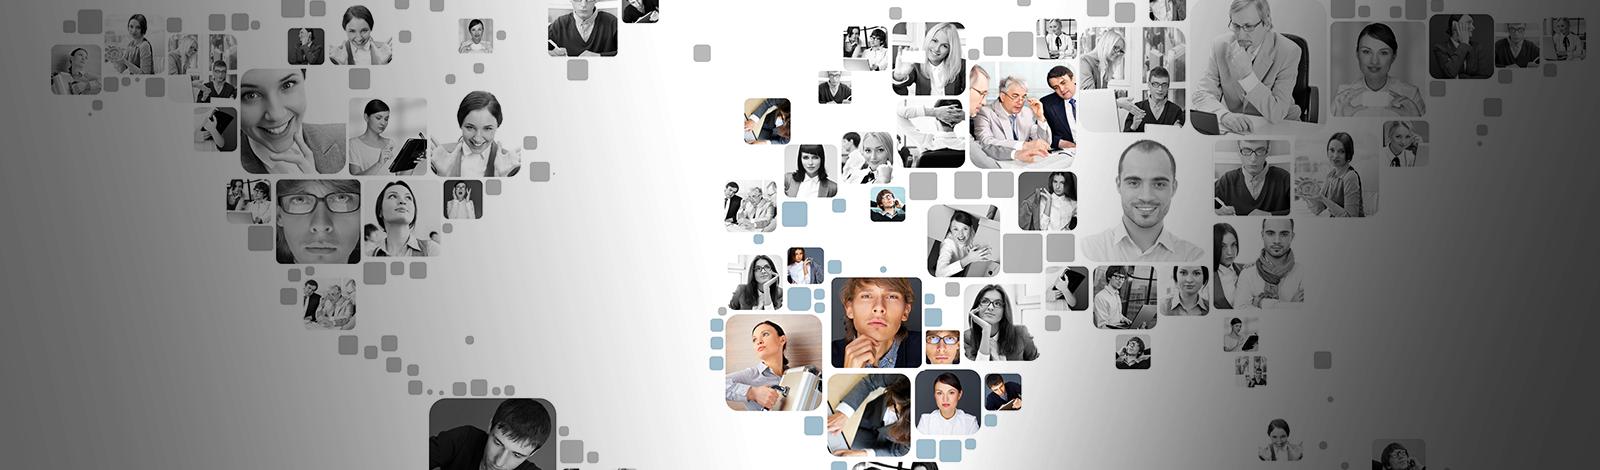 Réseau de partenaires locaux et experts implantés partout dans le monde - Efficient Partners